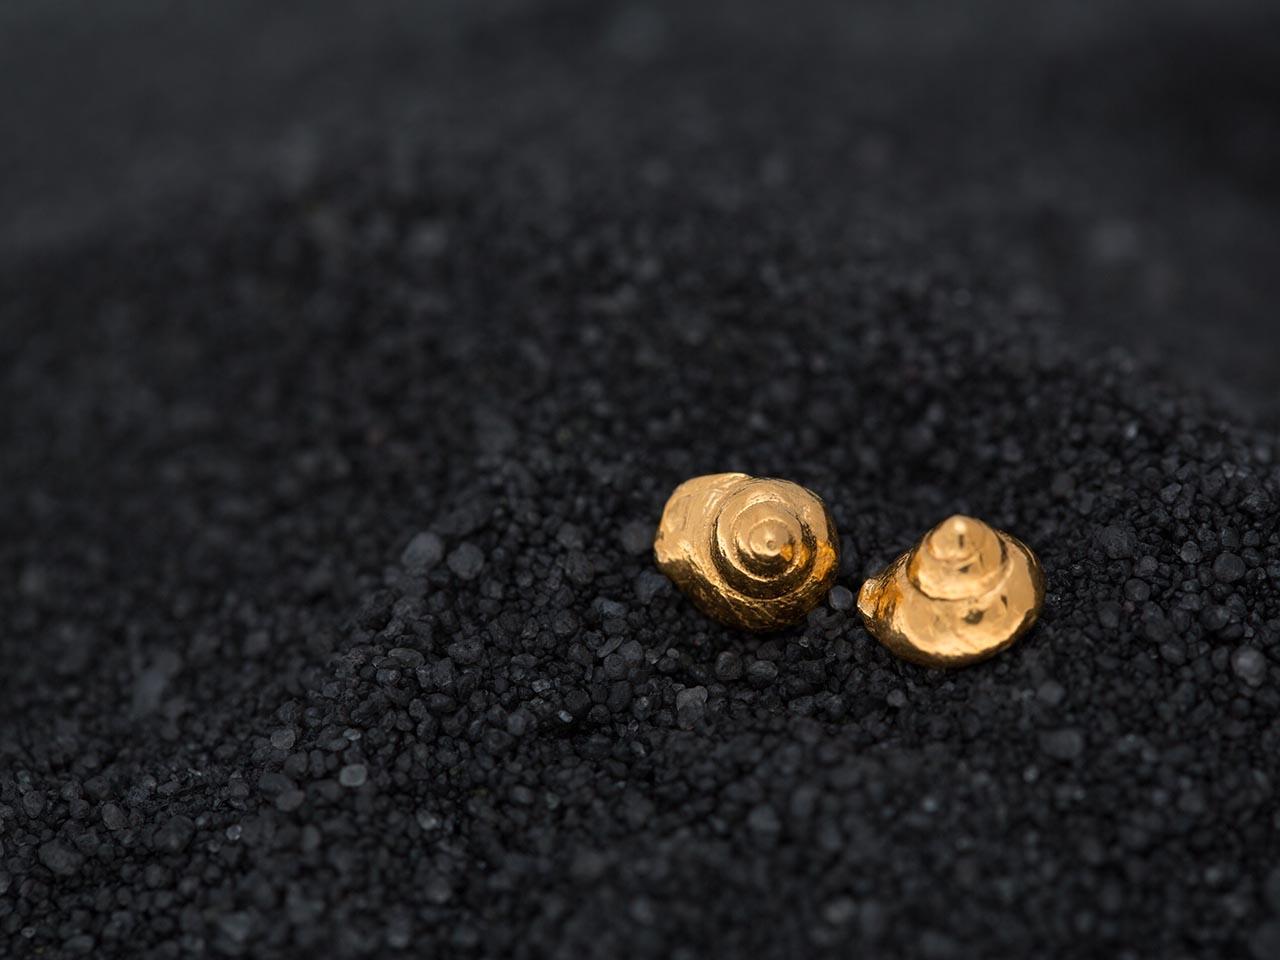 σκουλαρίκια καρφάκια κοχύλια χρυσά